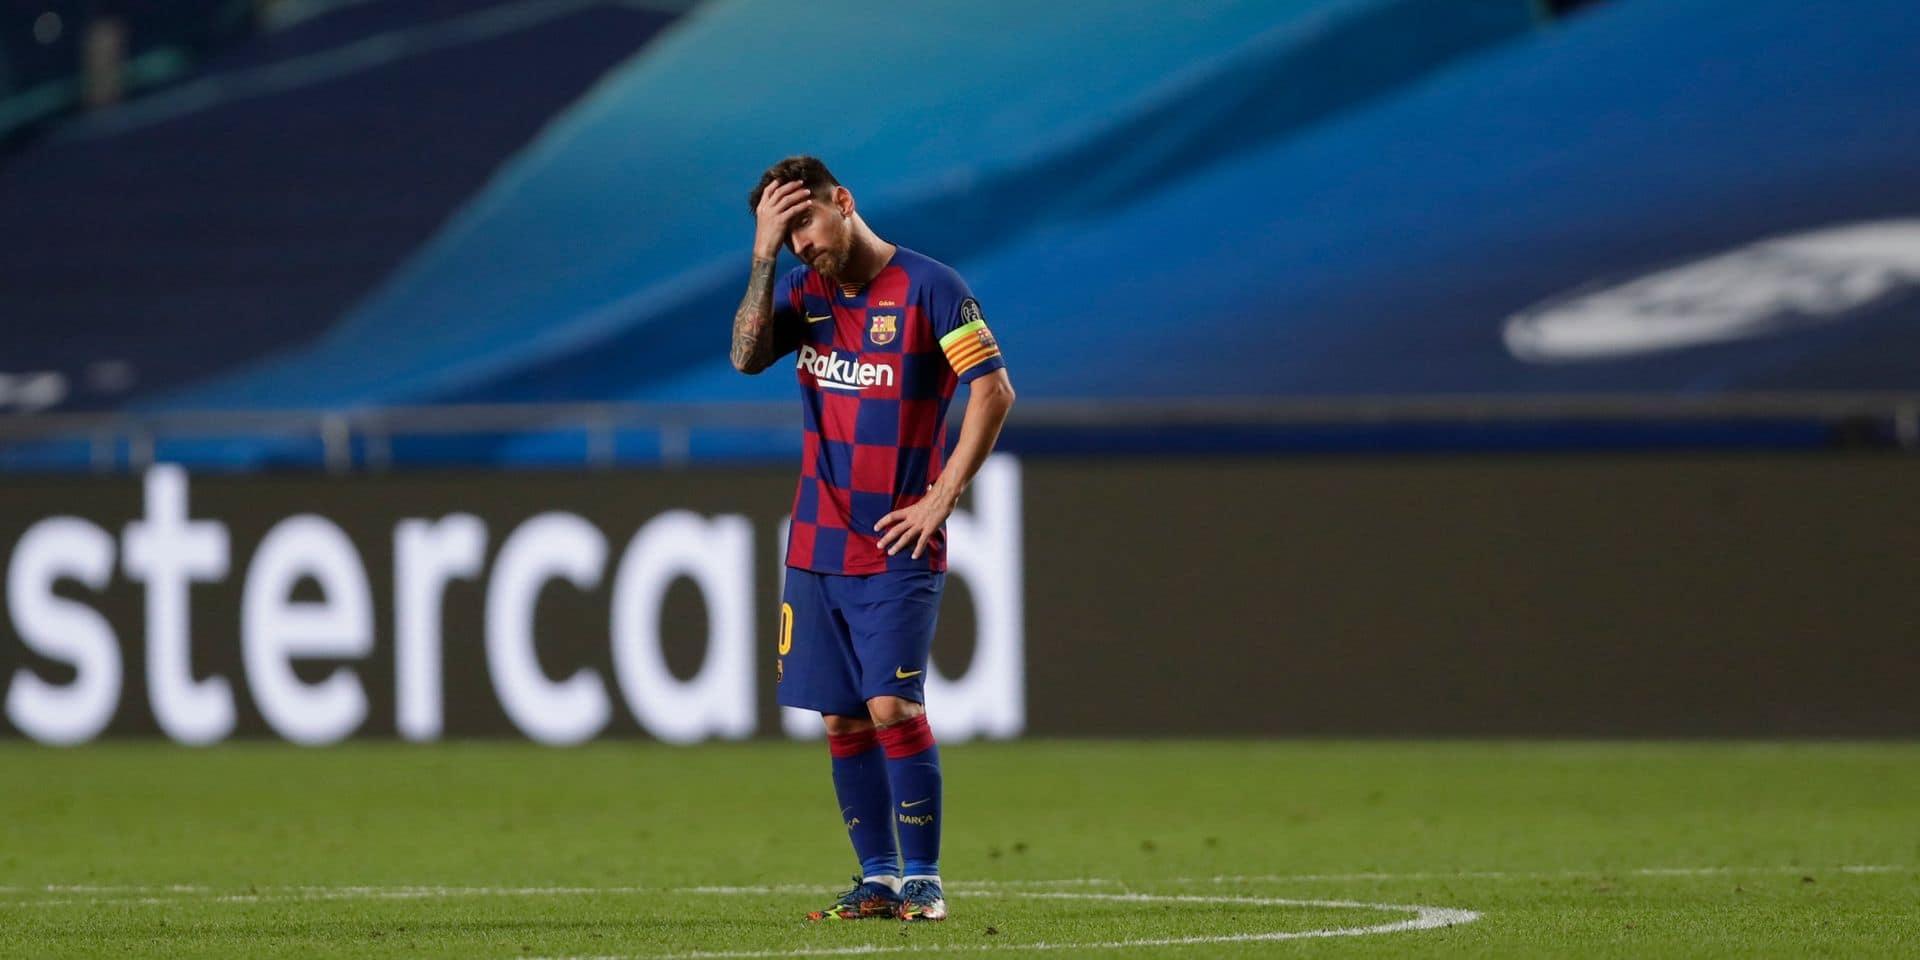 Messi invisible, Muller irrésistible: six joueurs sous la loupe après Bayern - Barça